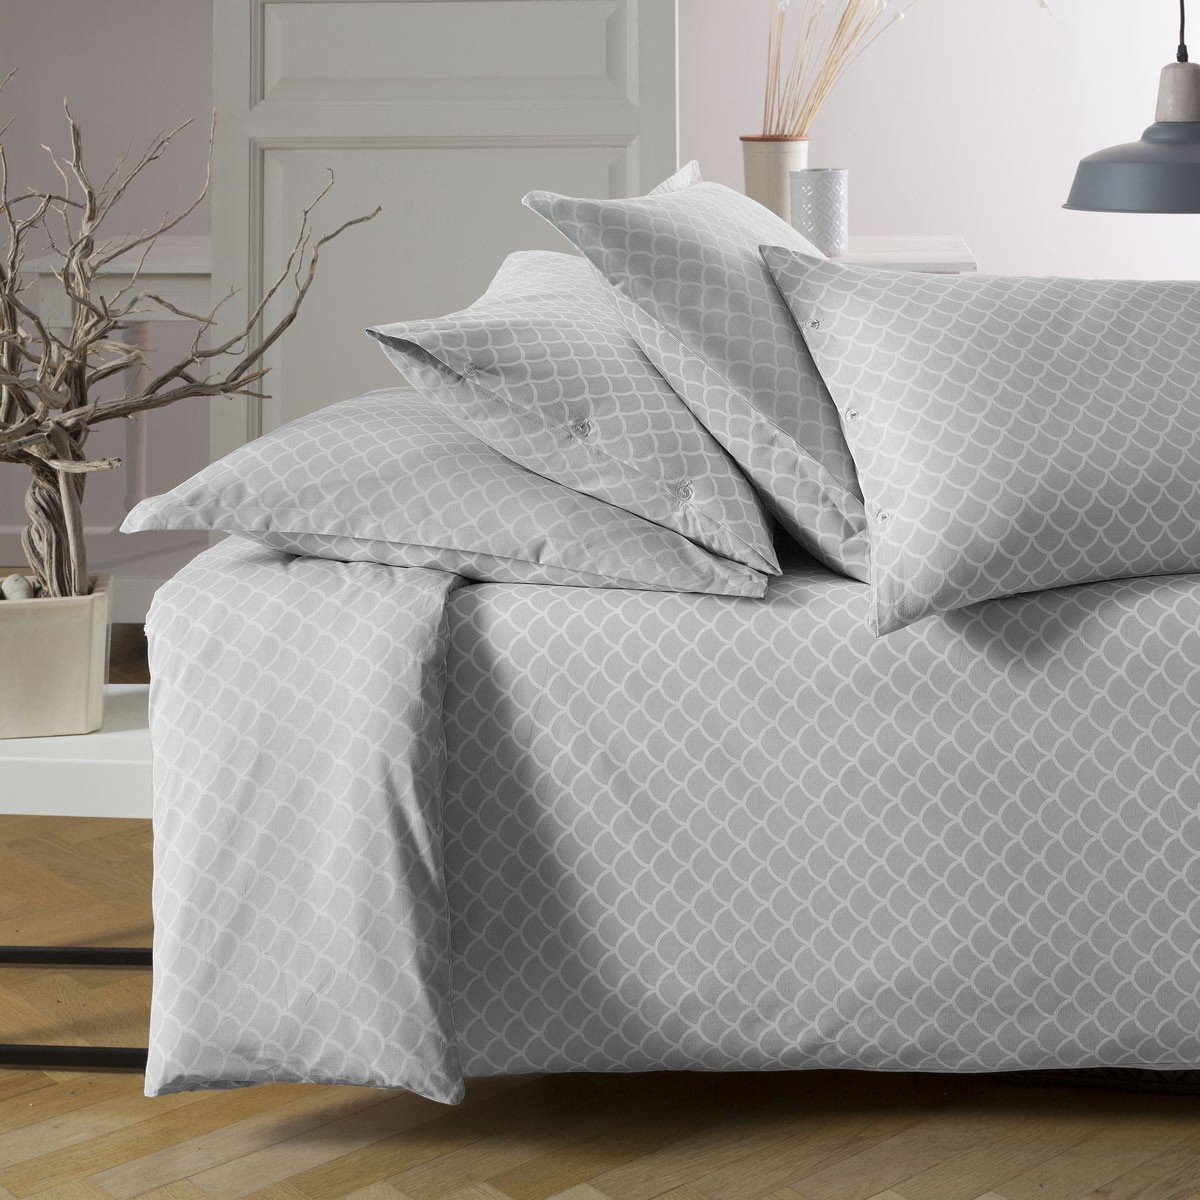 Parure vice versa linge de lit de qualit tradition - Housse de couette tradition des vosges ...